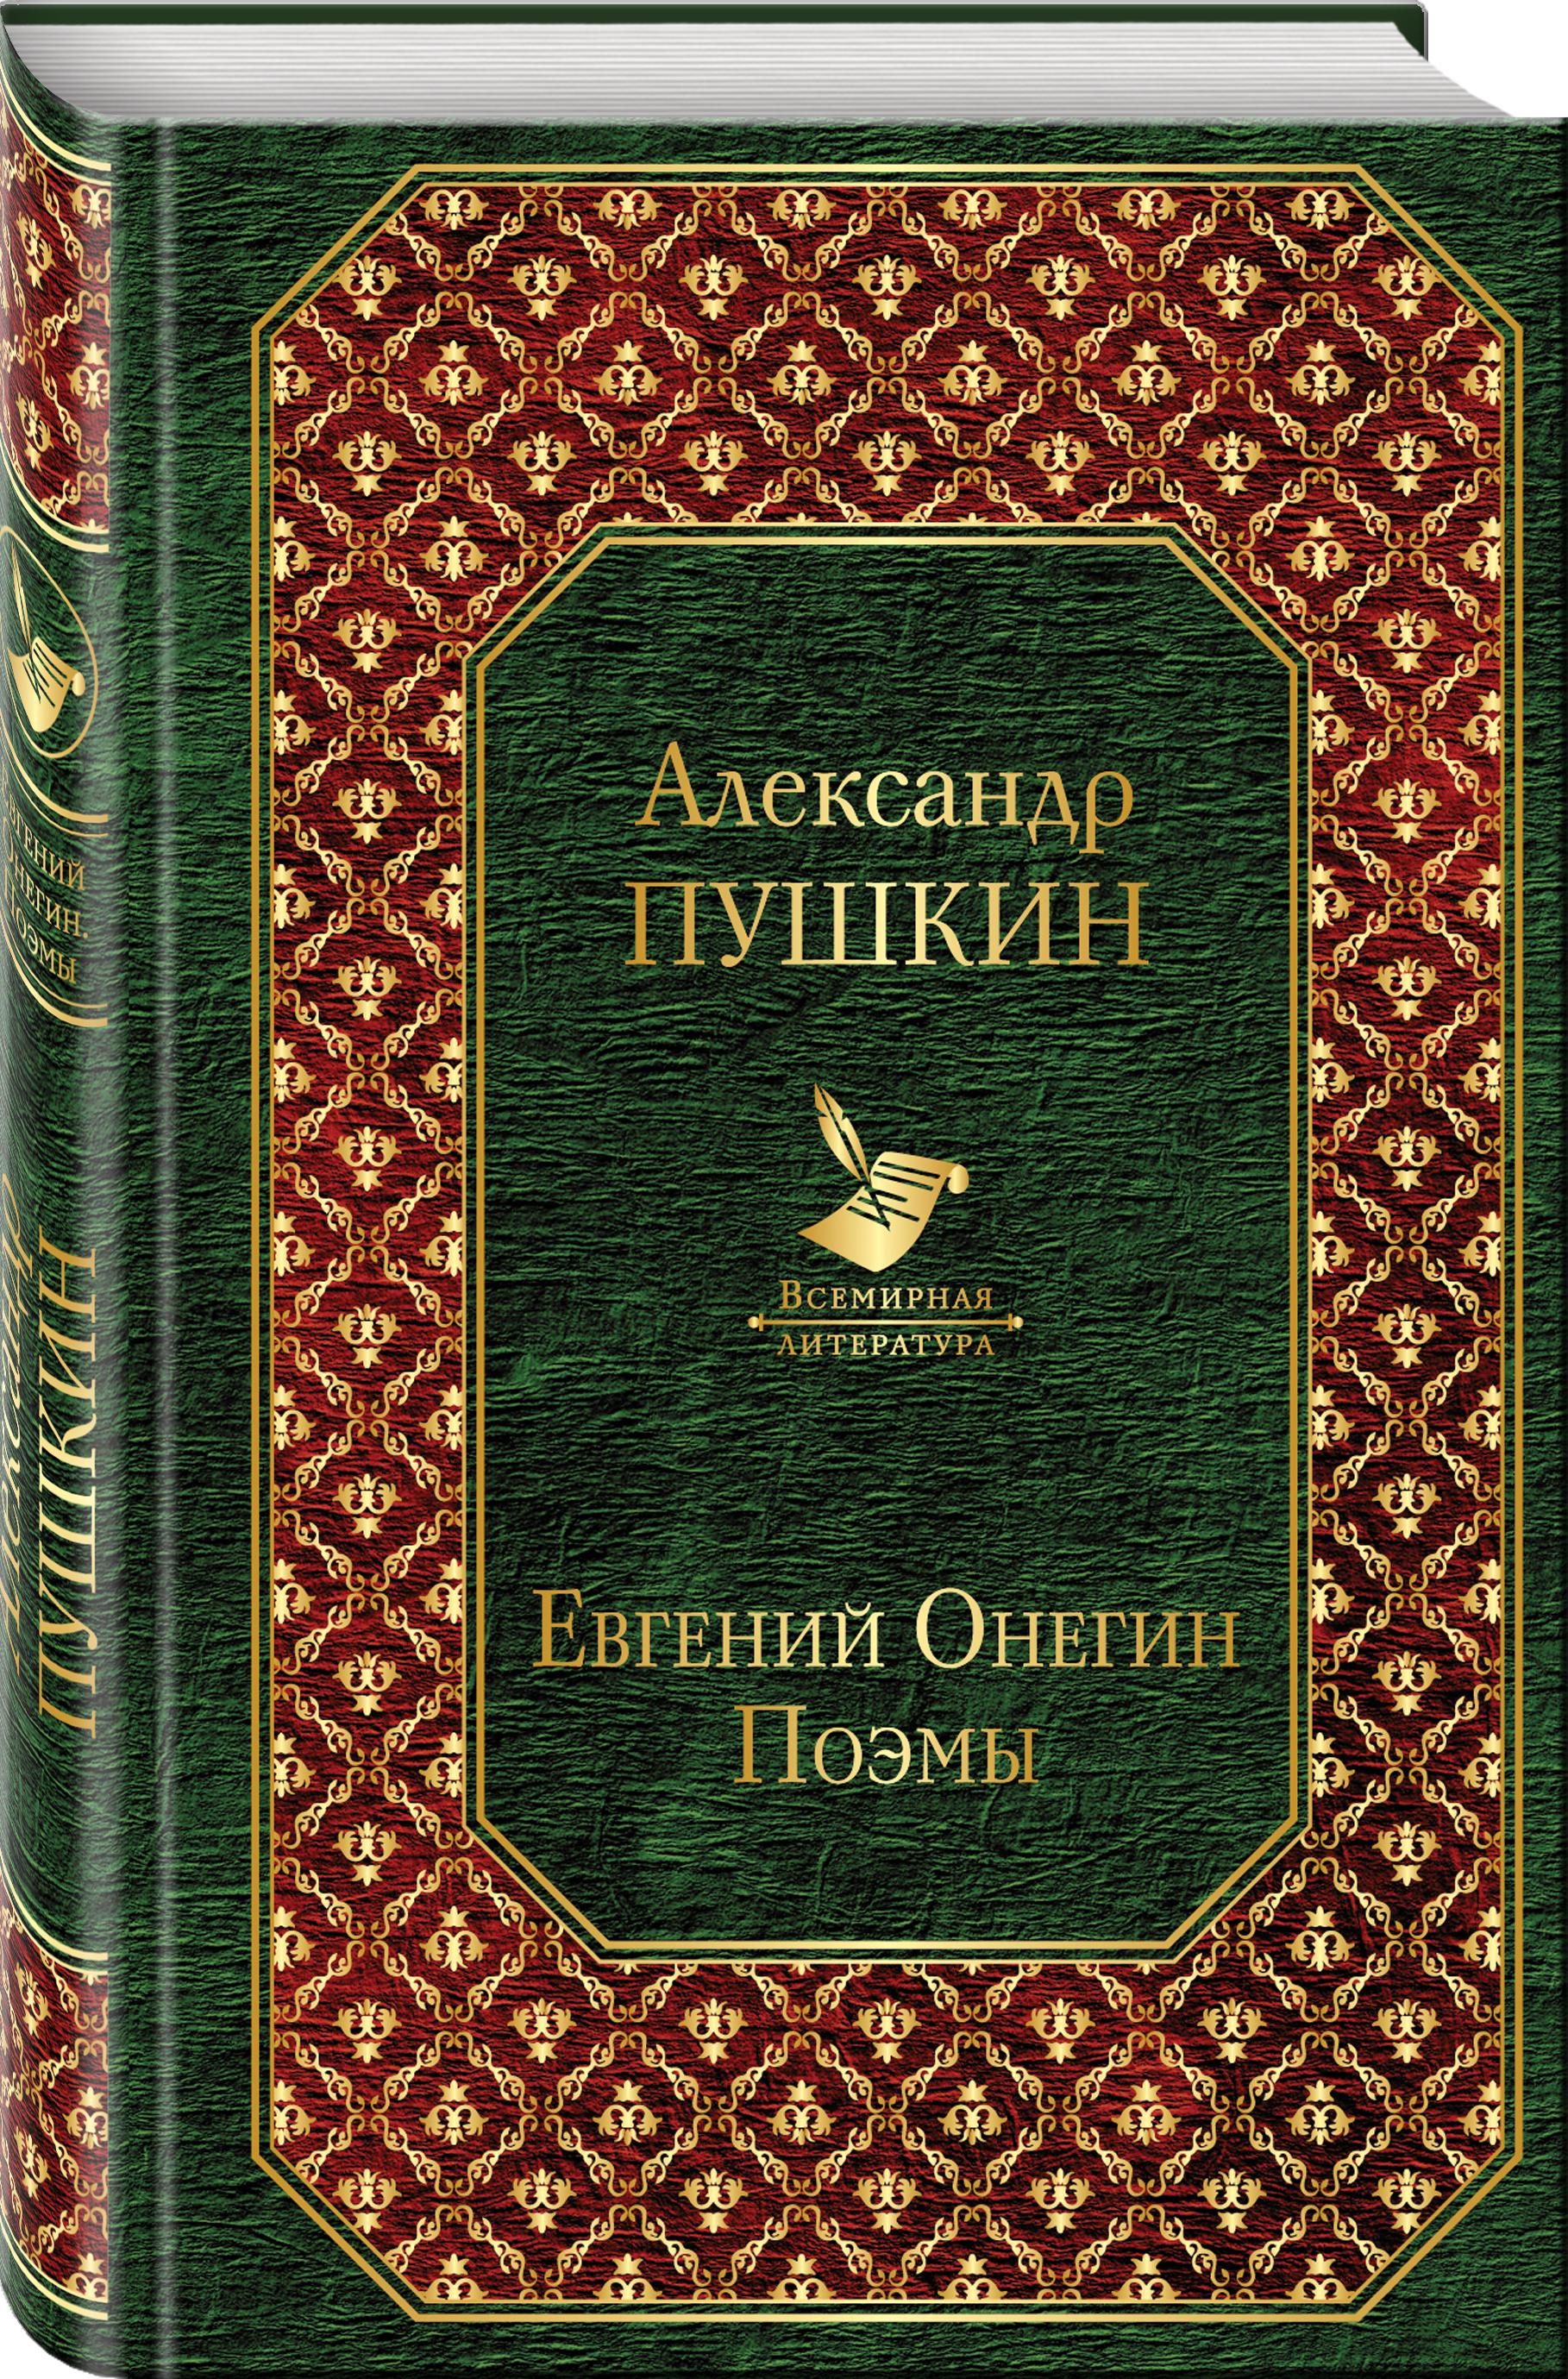 Евгений Онегин. Поэмы ( Пушкин А.С.  )